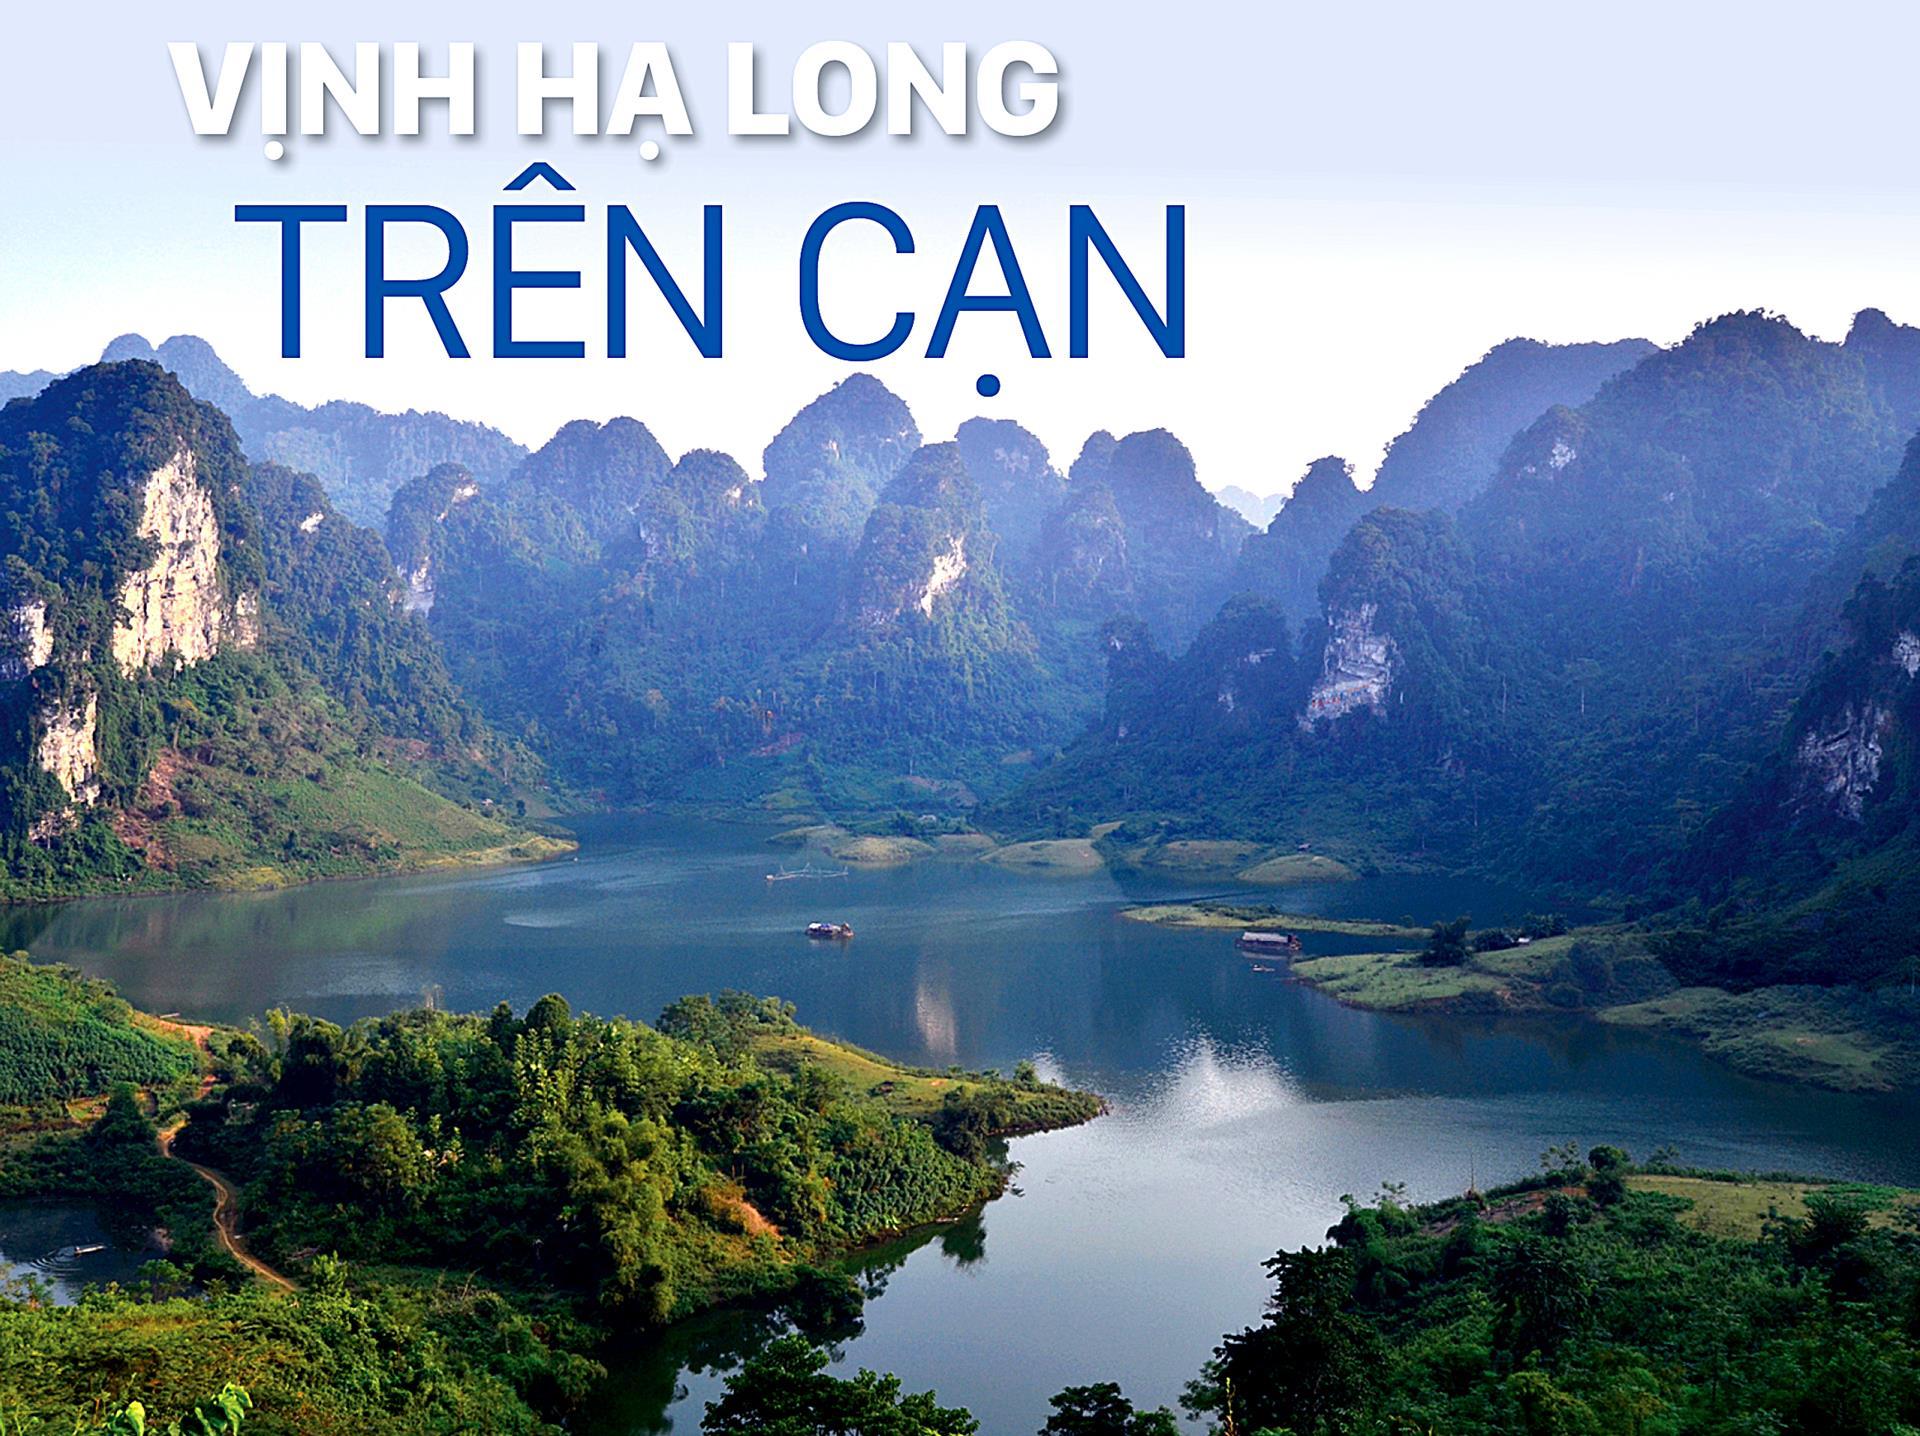 Vịnh Hạ Long trên cạn